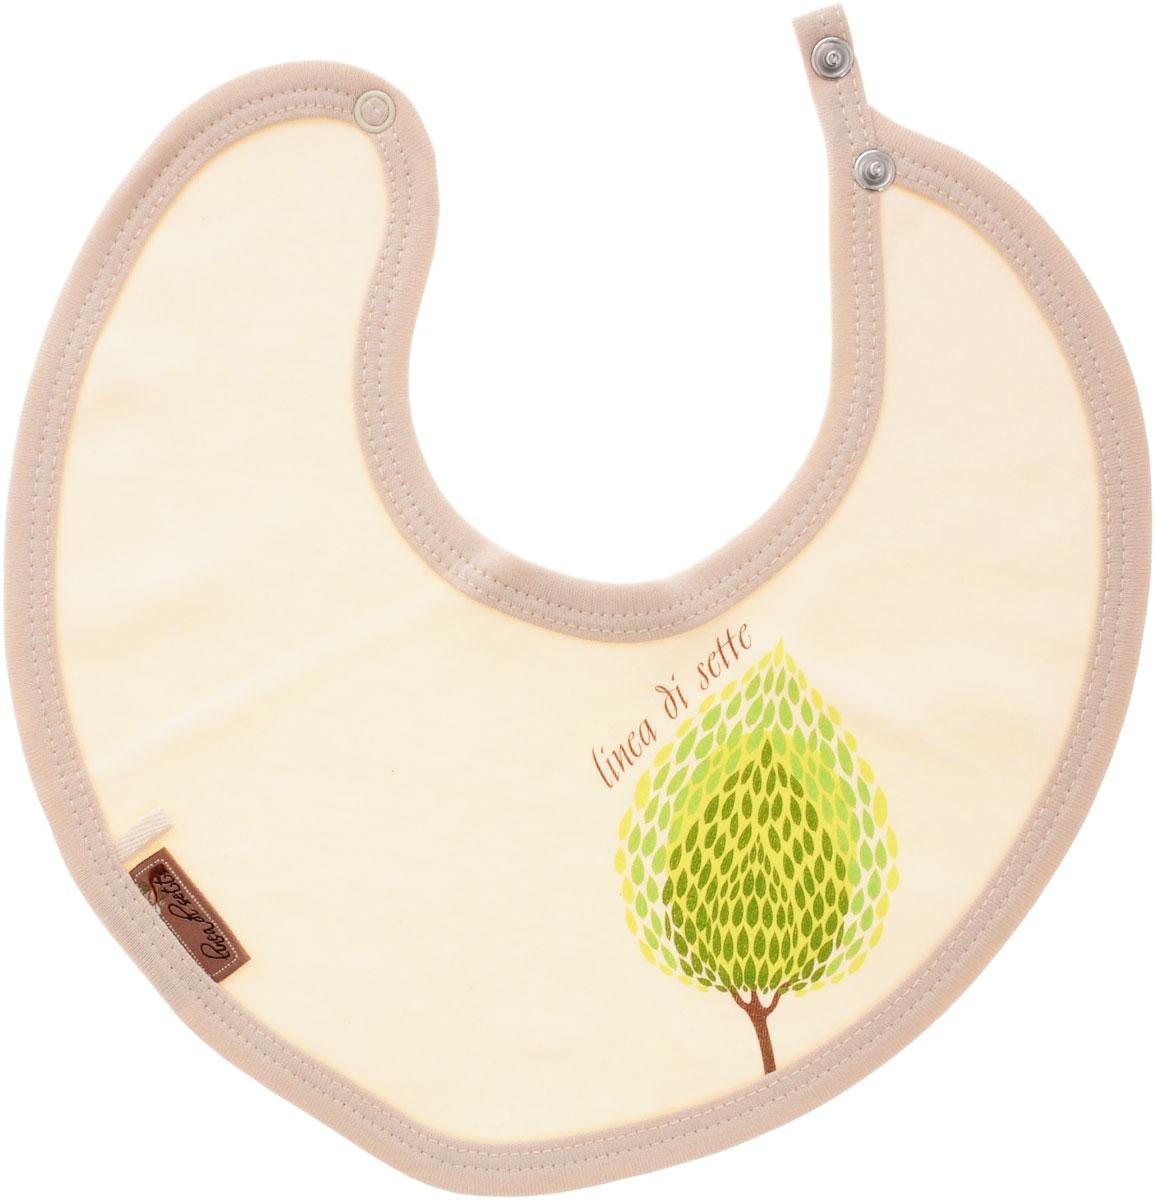 Linea Di Sette Нагрудник детский Сказочный лес 0-3 месяца